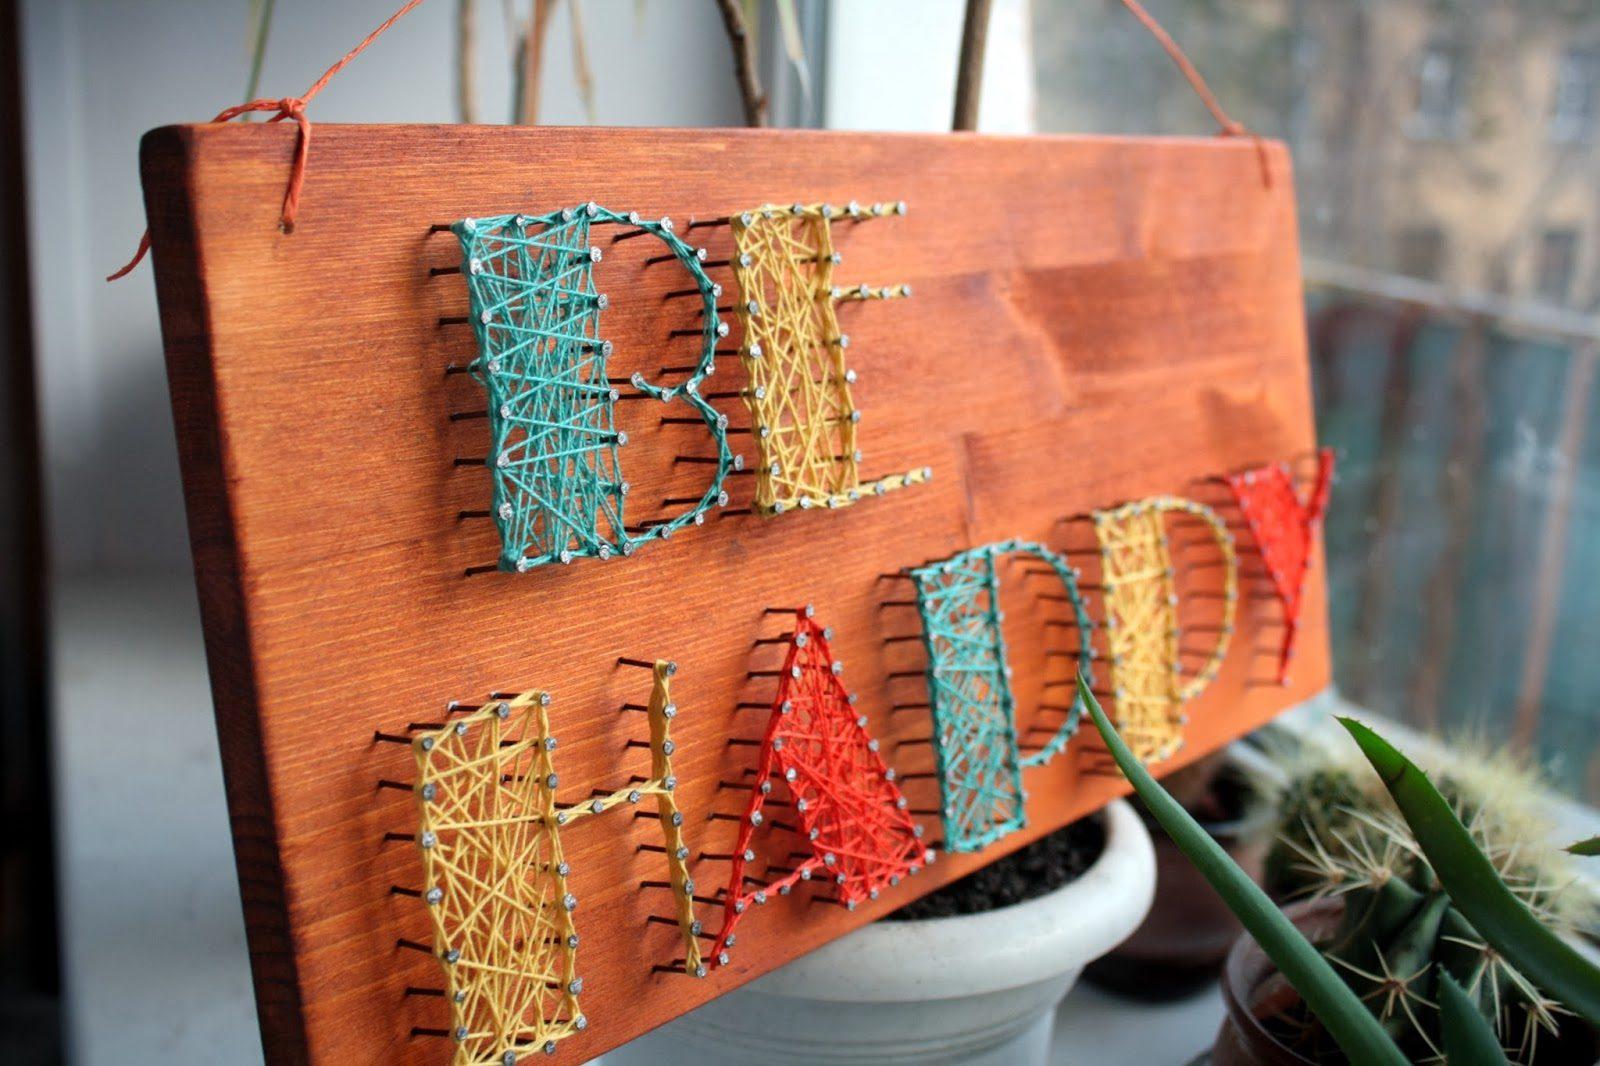 Панно из ниток и гвоздей: схемы для вязания своими руками из шерстяных нитей, как сделать сердце, оленя и другие панно